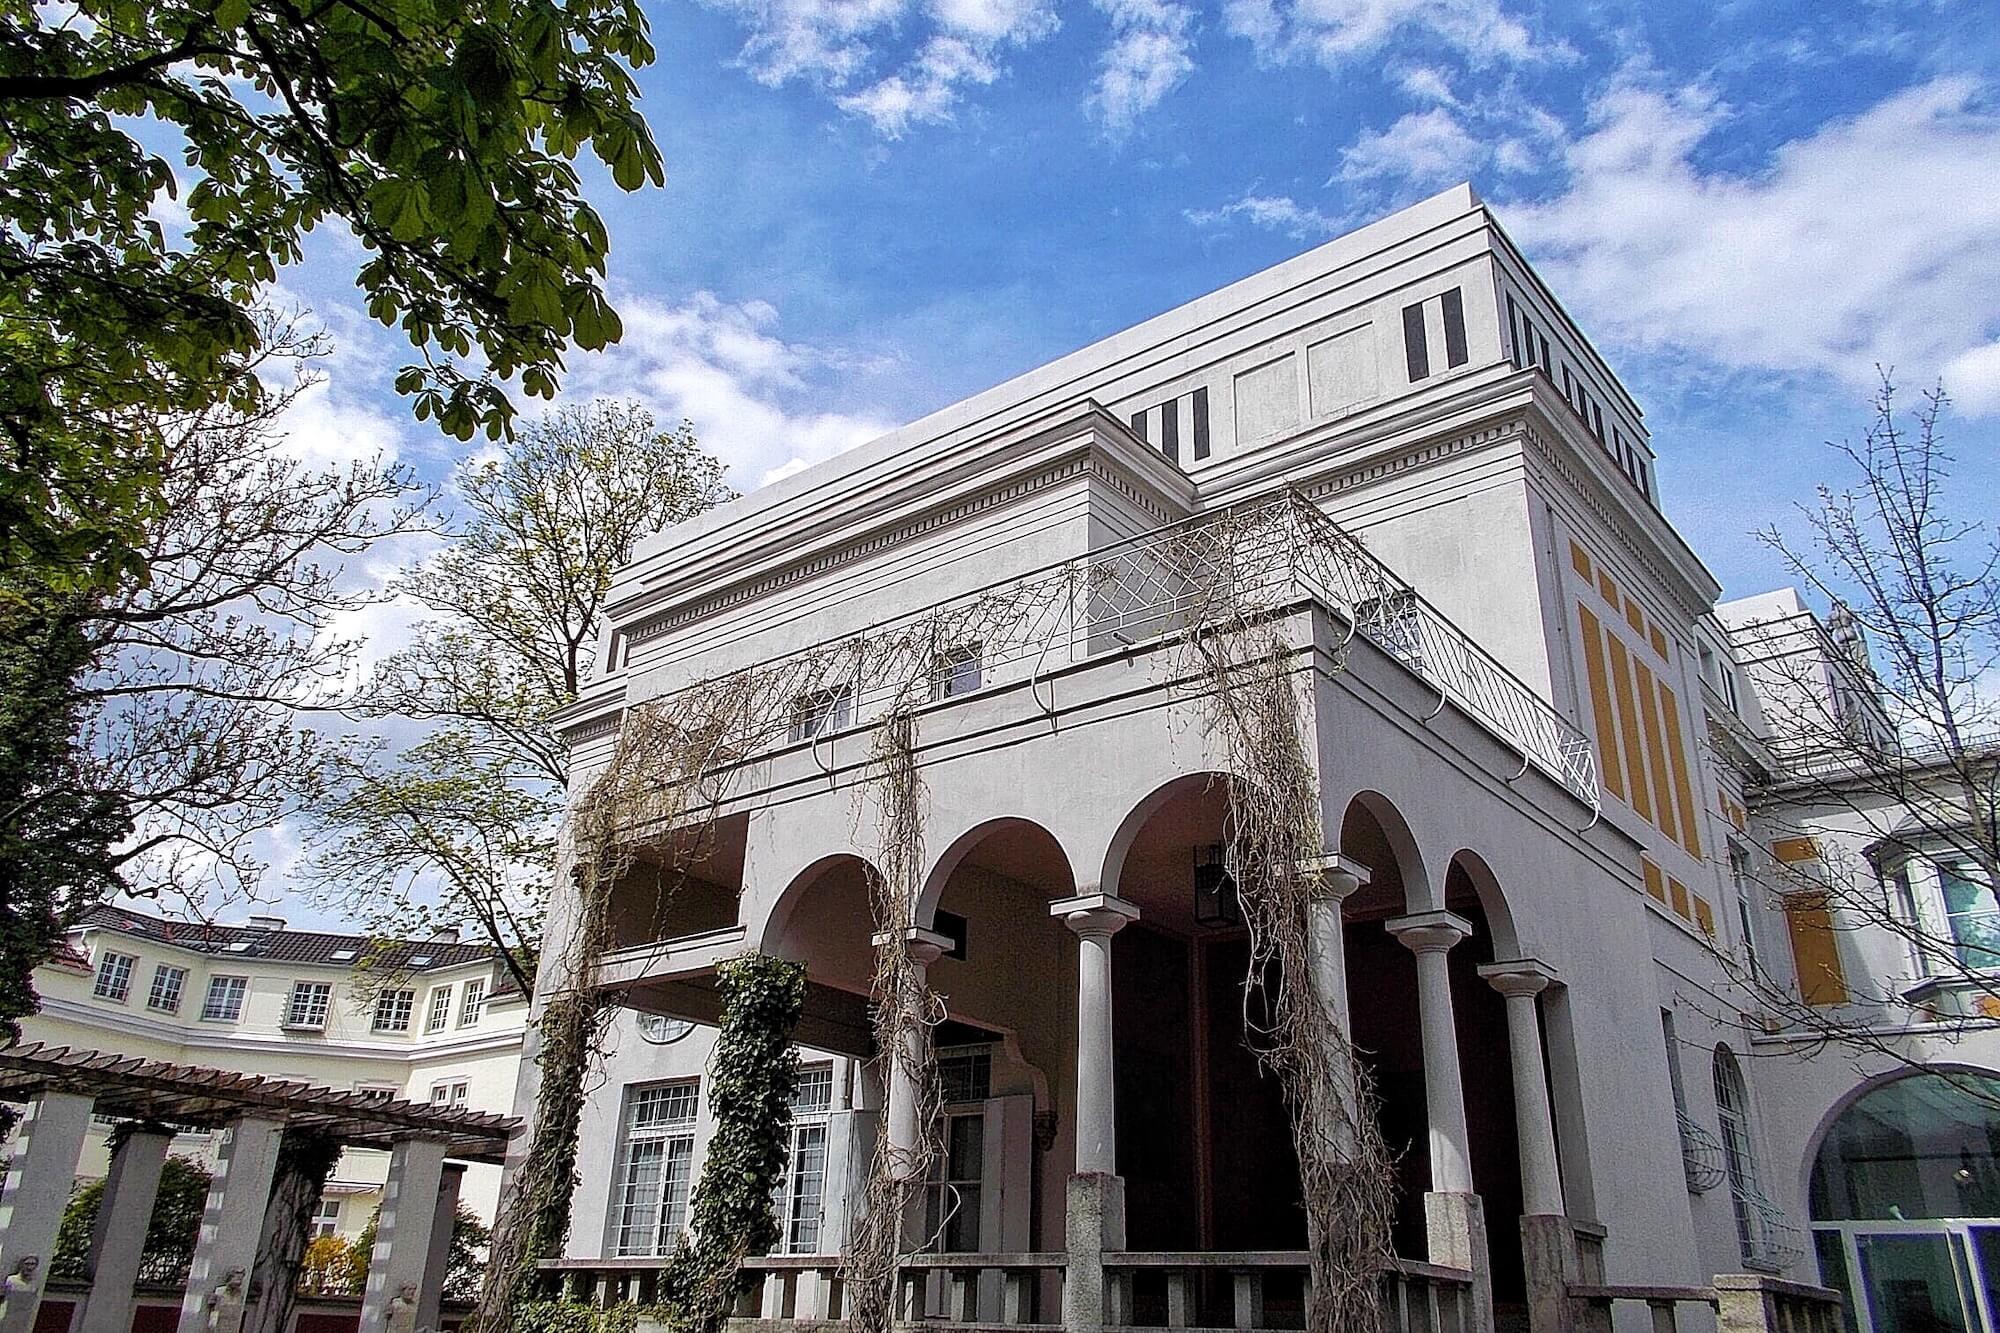 Das Münchner Wohnhaus des Jugendstil-Malers Franz von Stuck ist heute ein Museum. Die Villa Stuck zeigt neben Werken des Künstlers auch Sonderausstellungen.